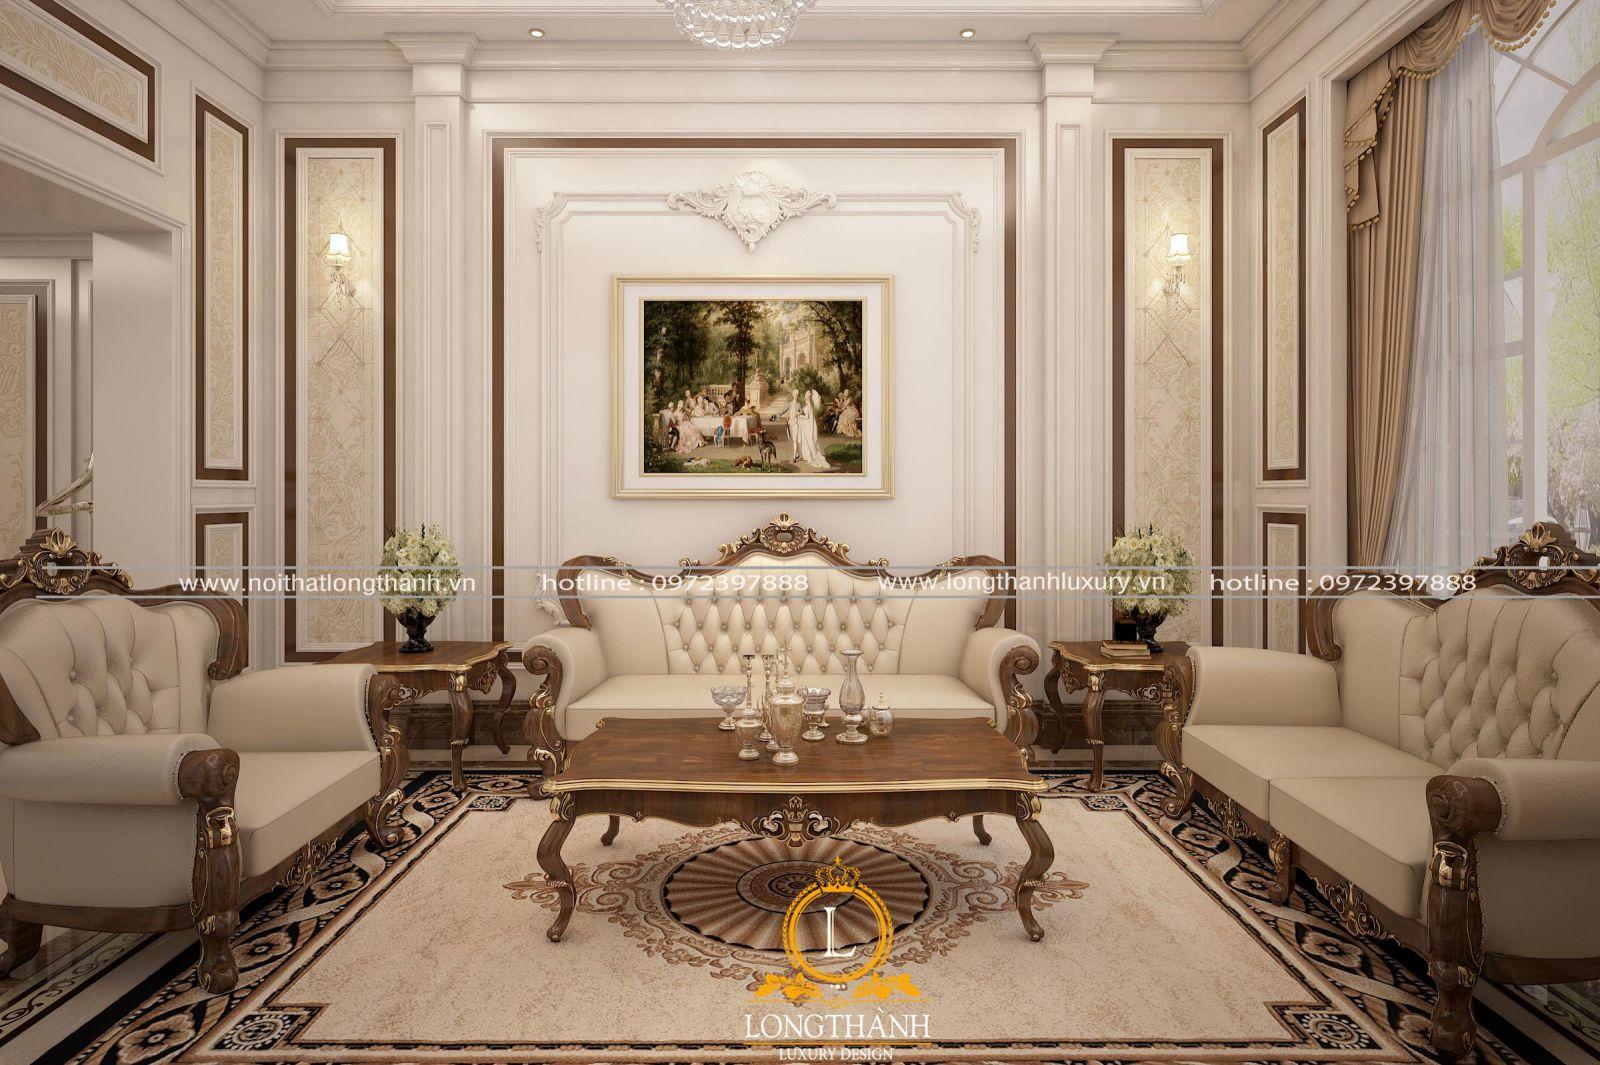 Tìm hiểu địa chỉ đáng tin cậy trước khi mua sofa tân cổ điển